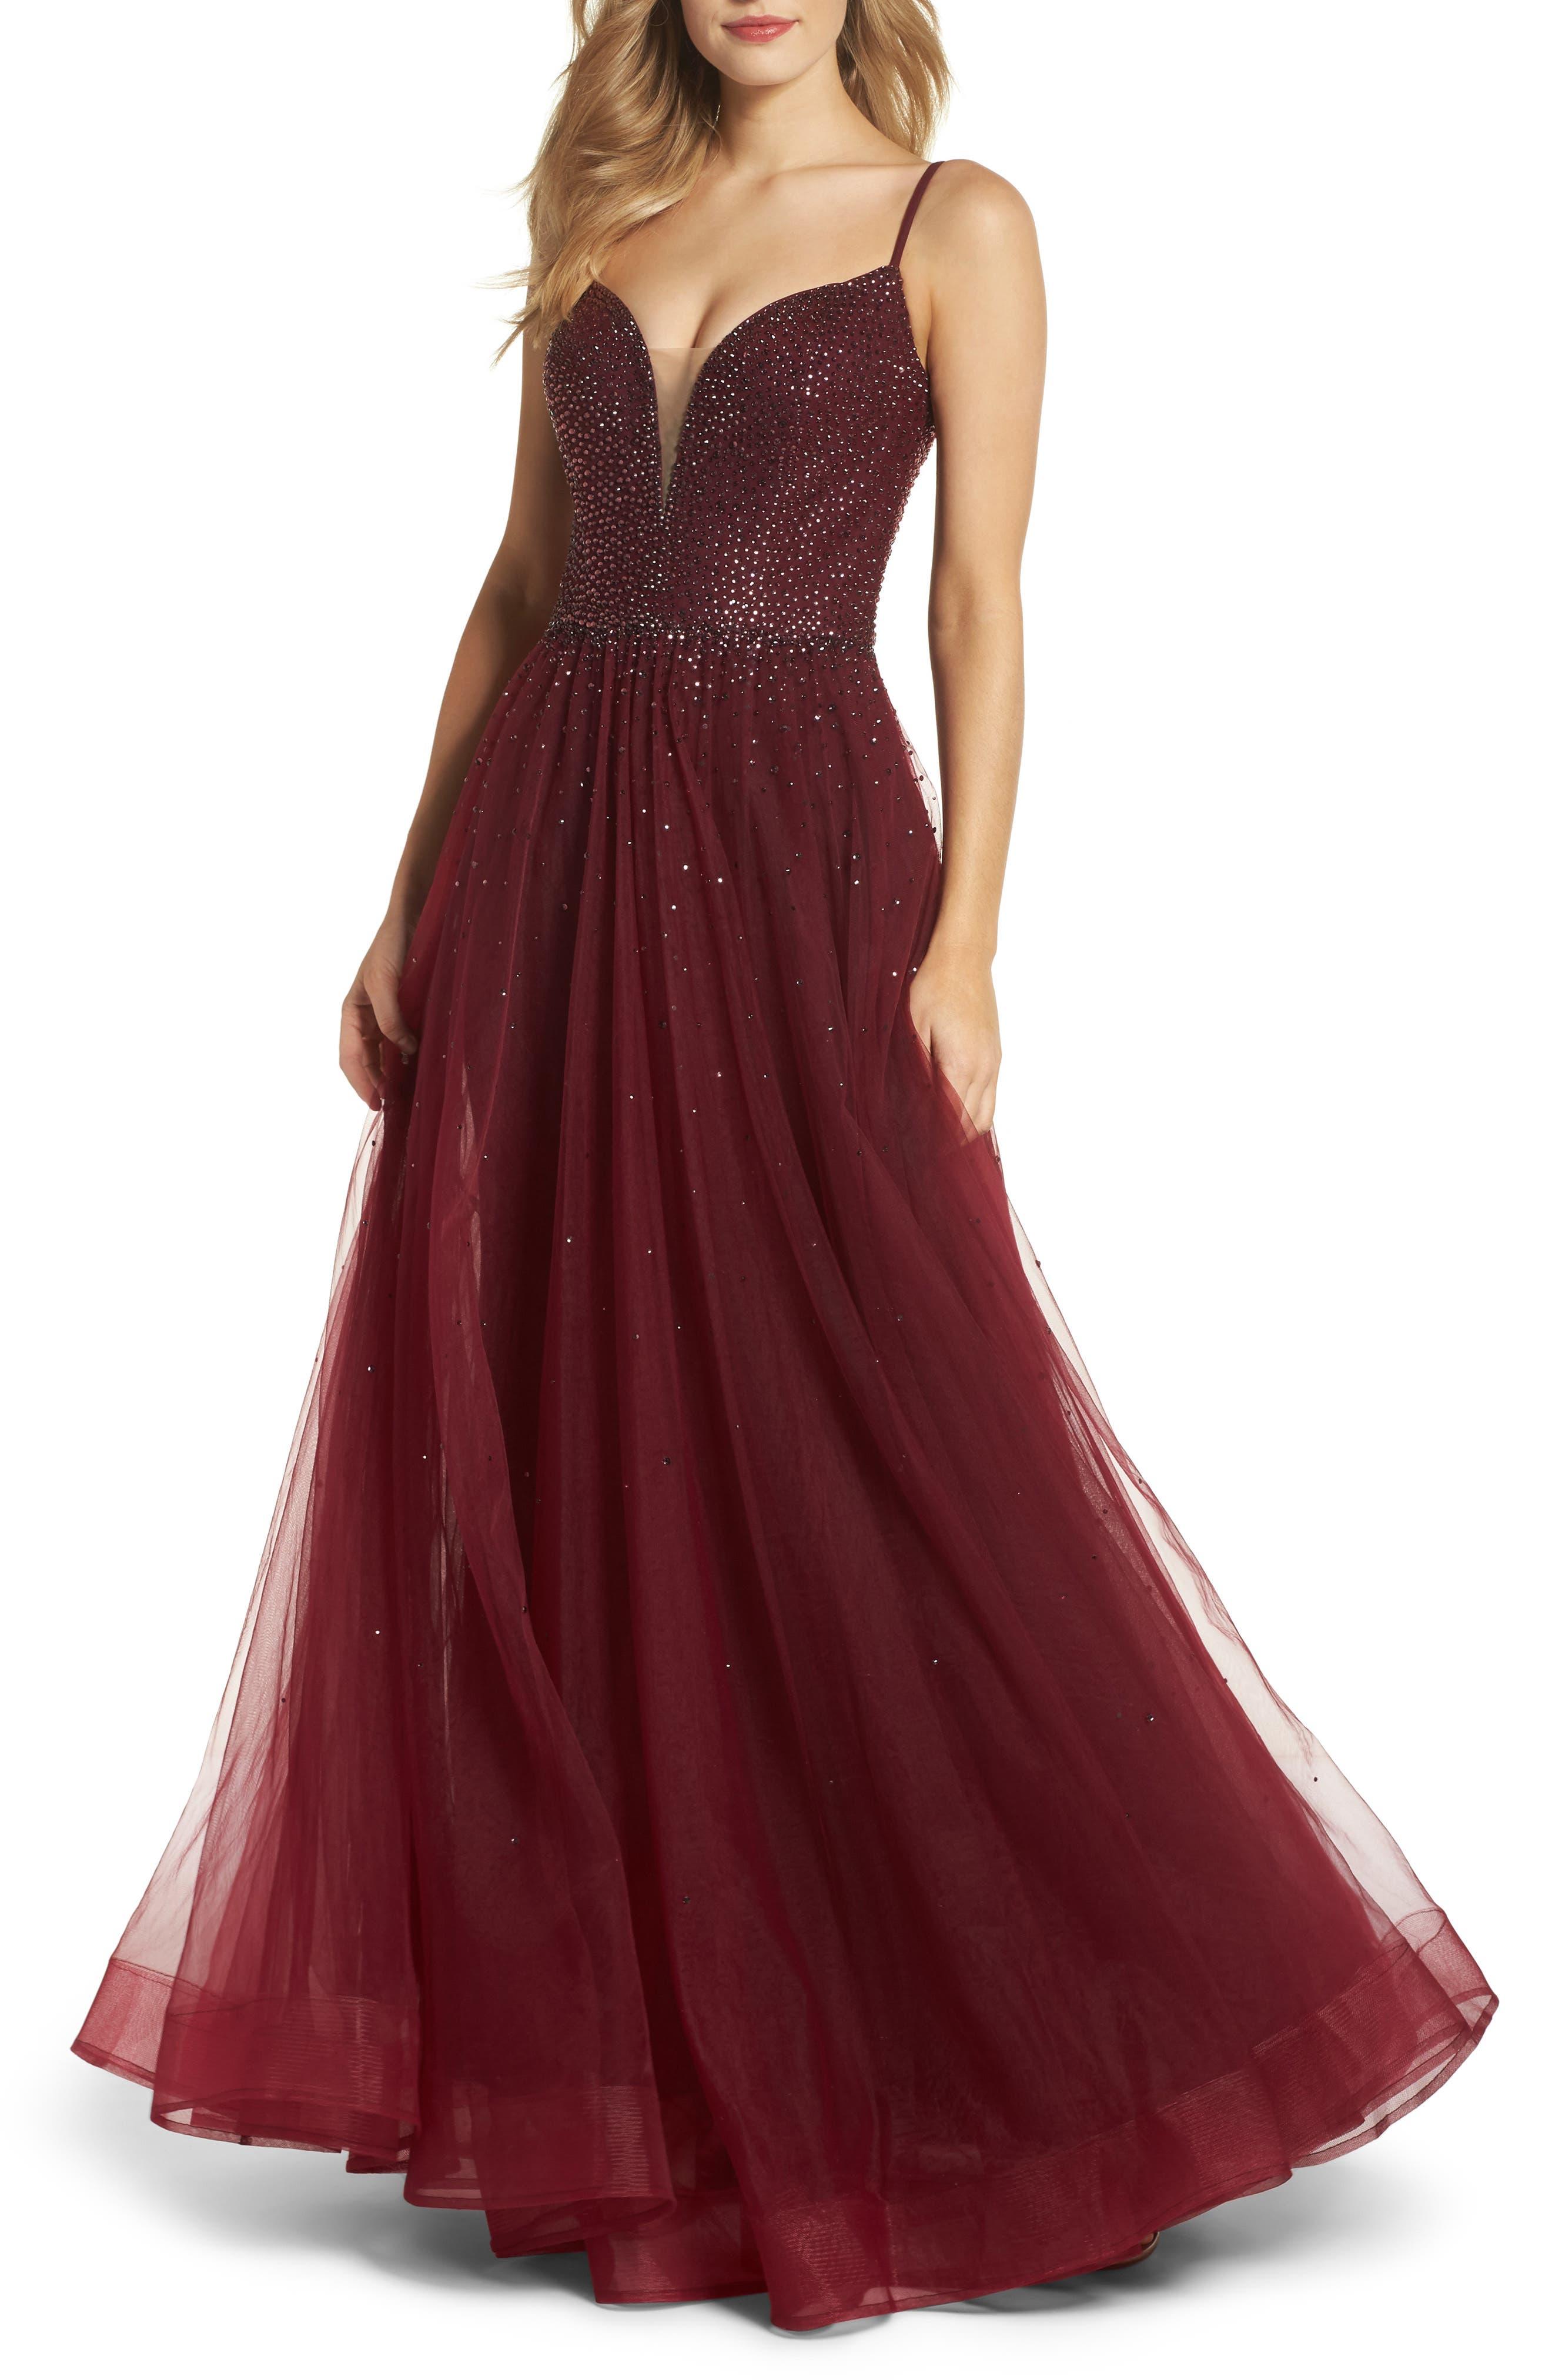 La Femme Embellished Illusion Plunge Gown